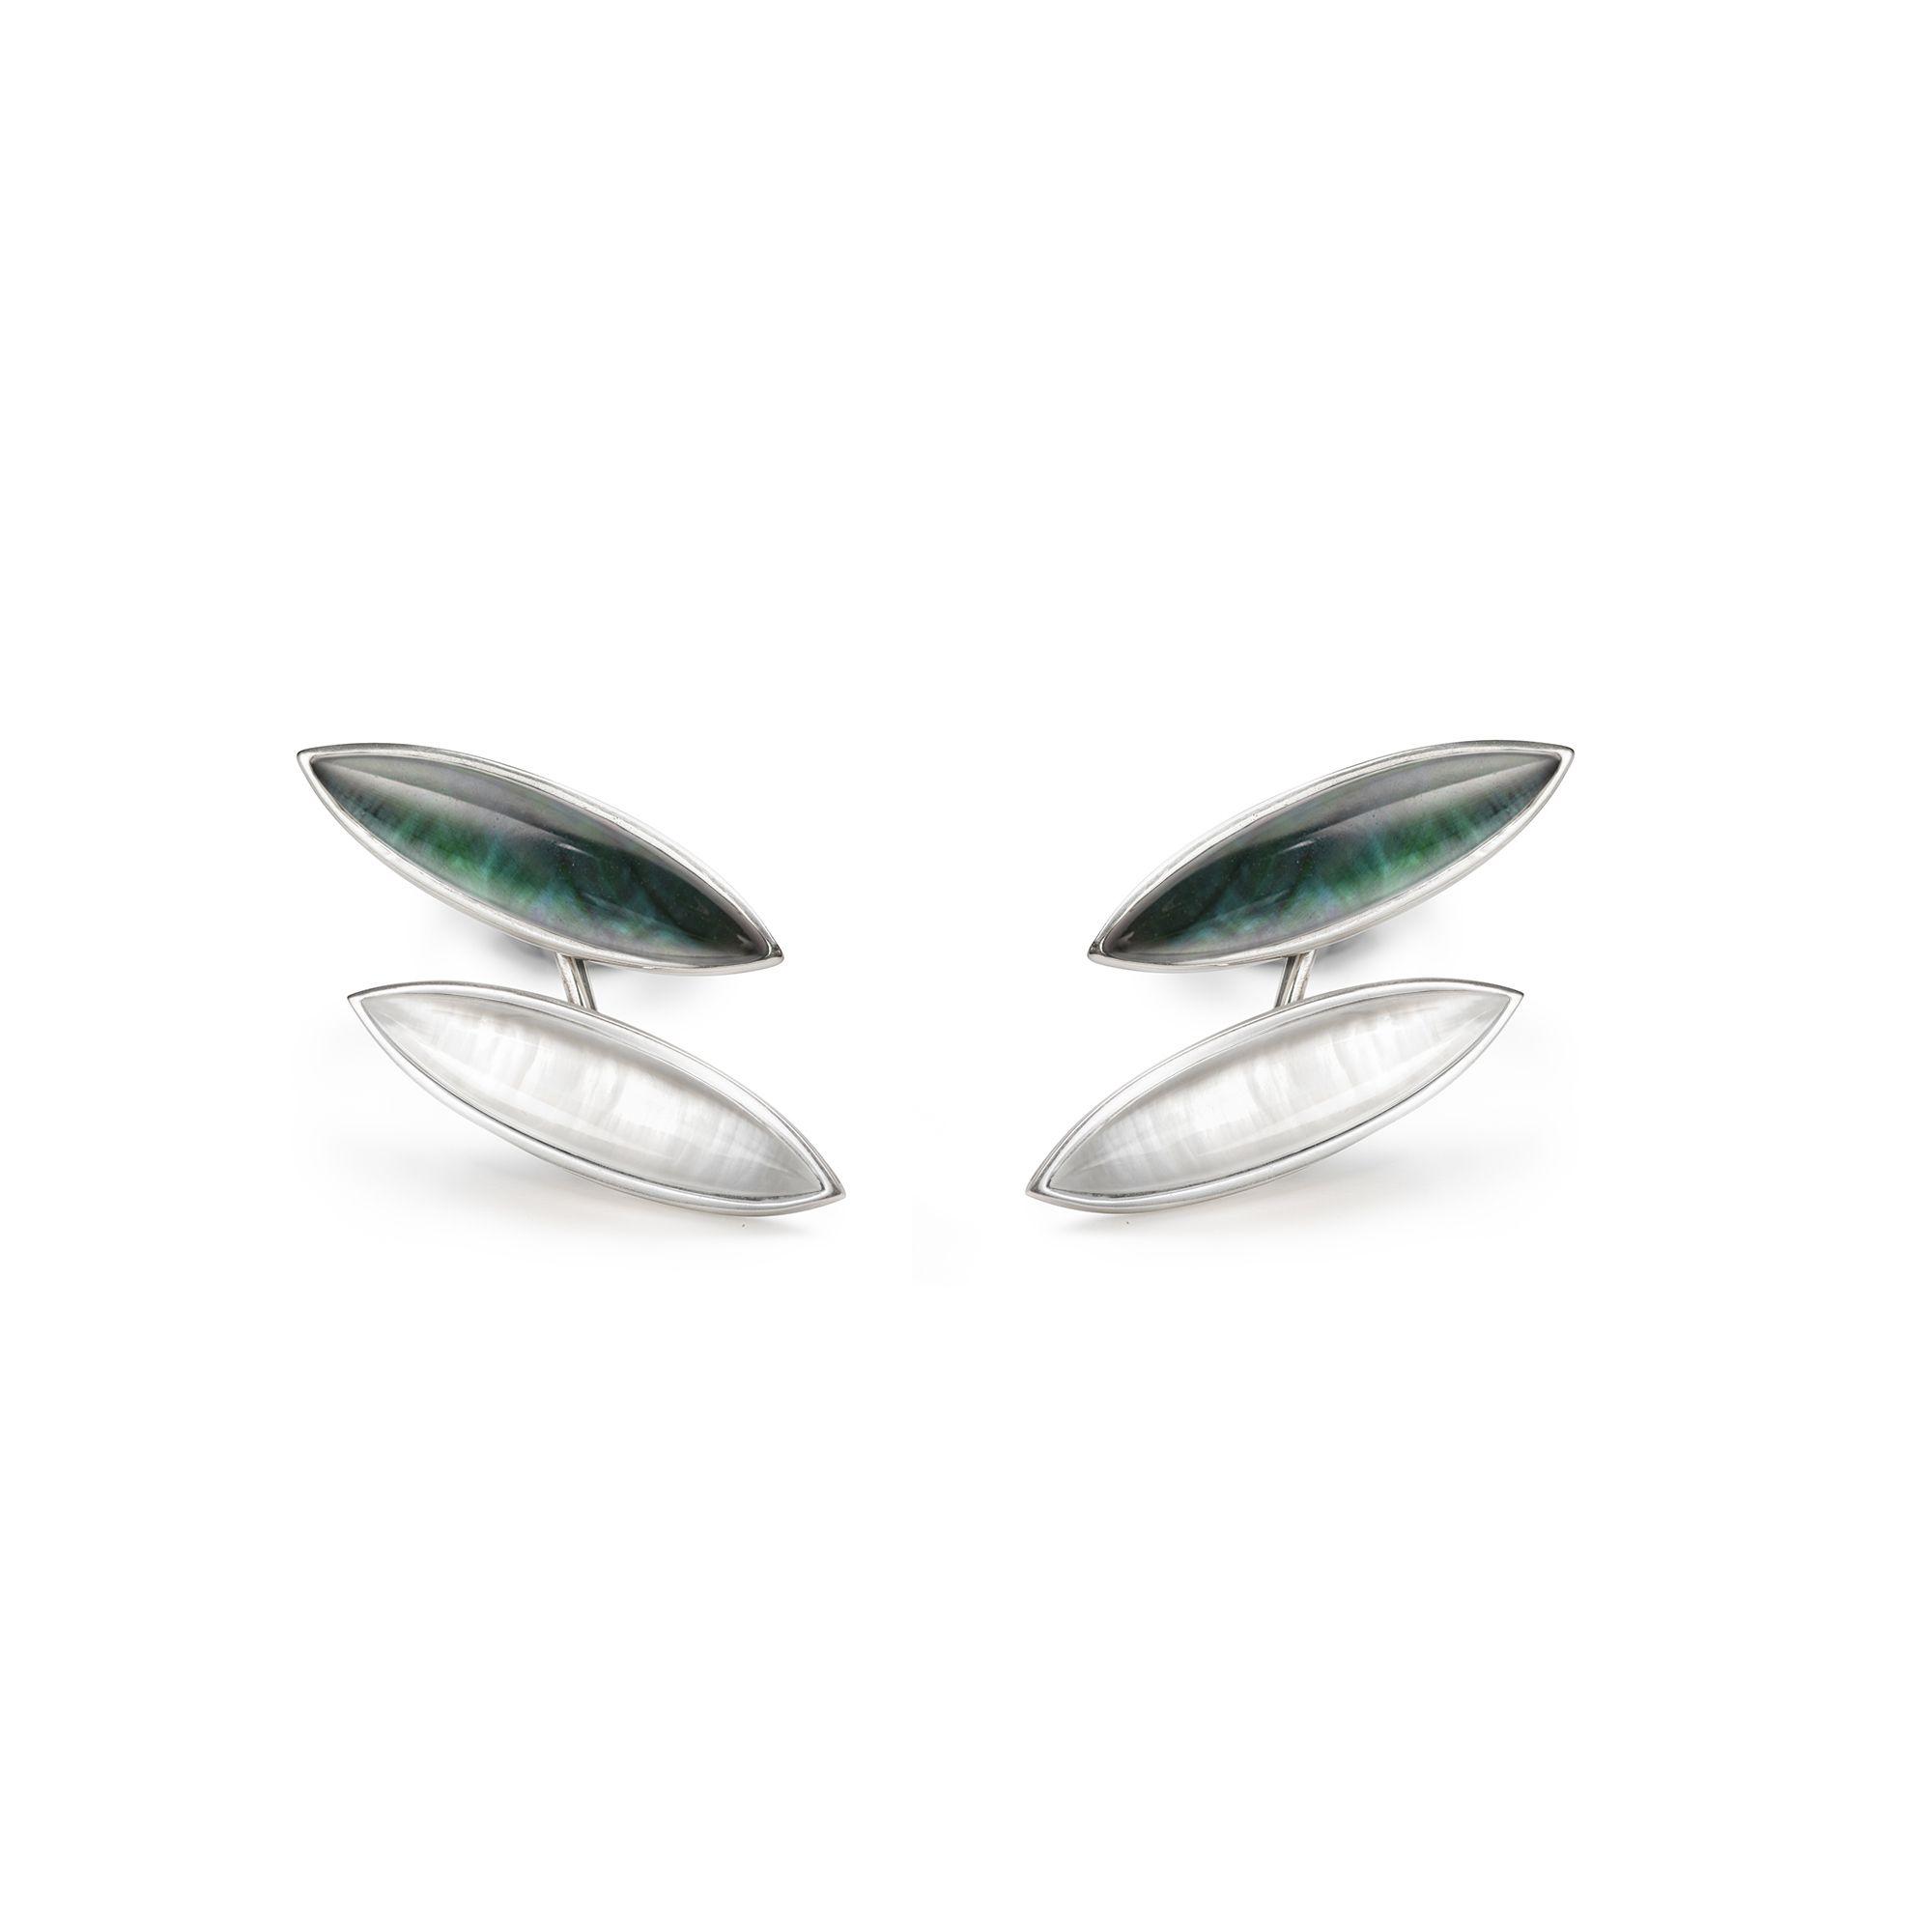 'Navetta' piercing earrings Silver earrings with doublet stones